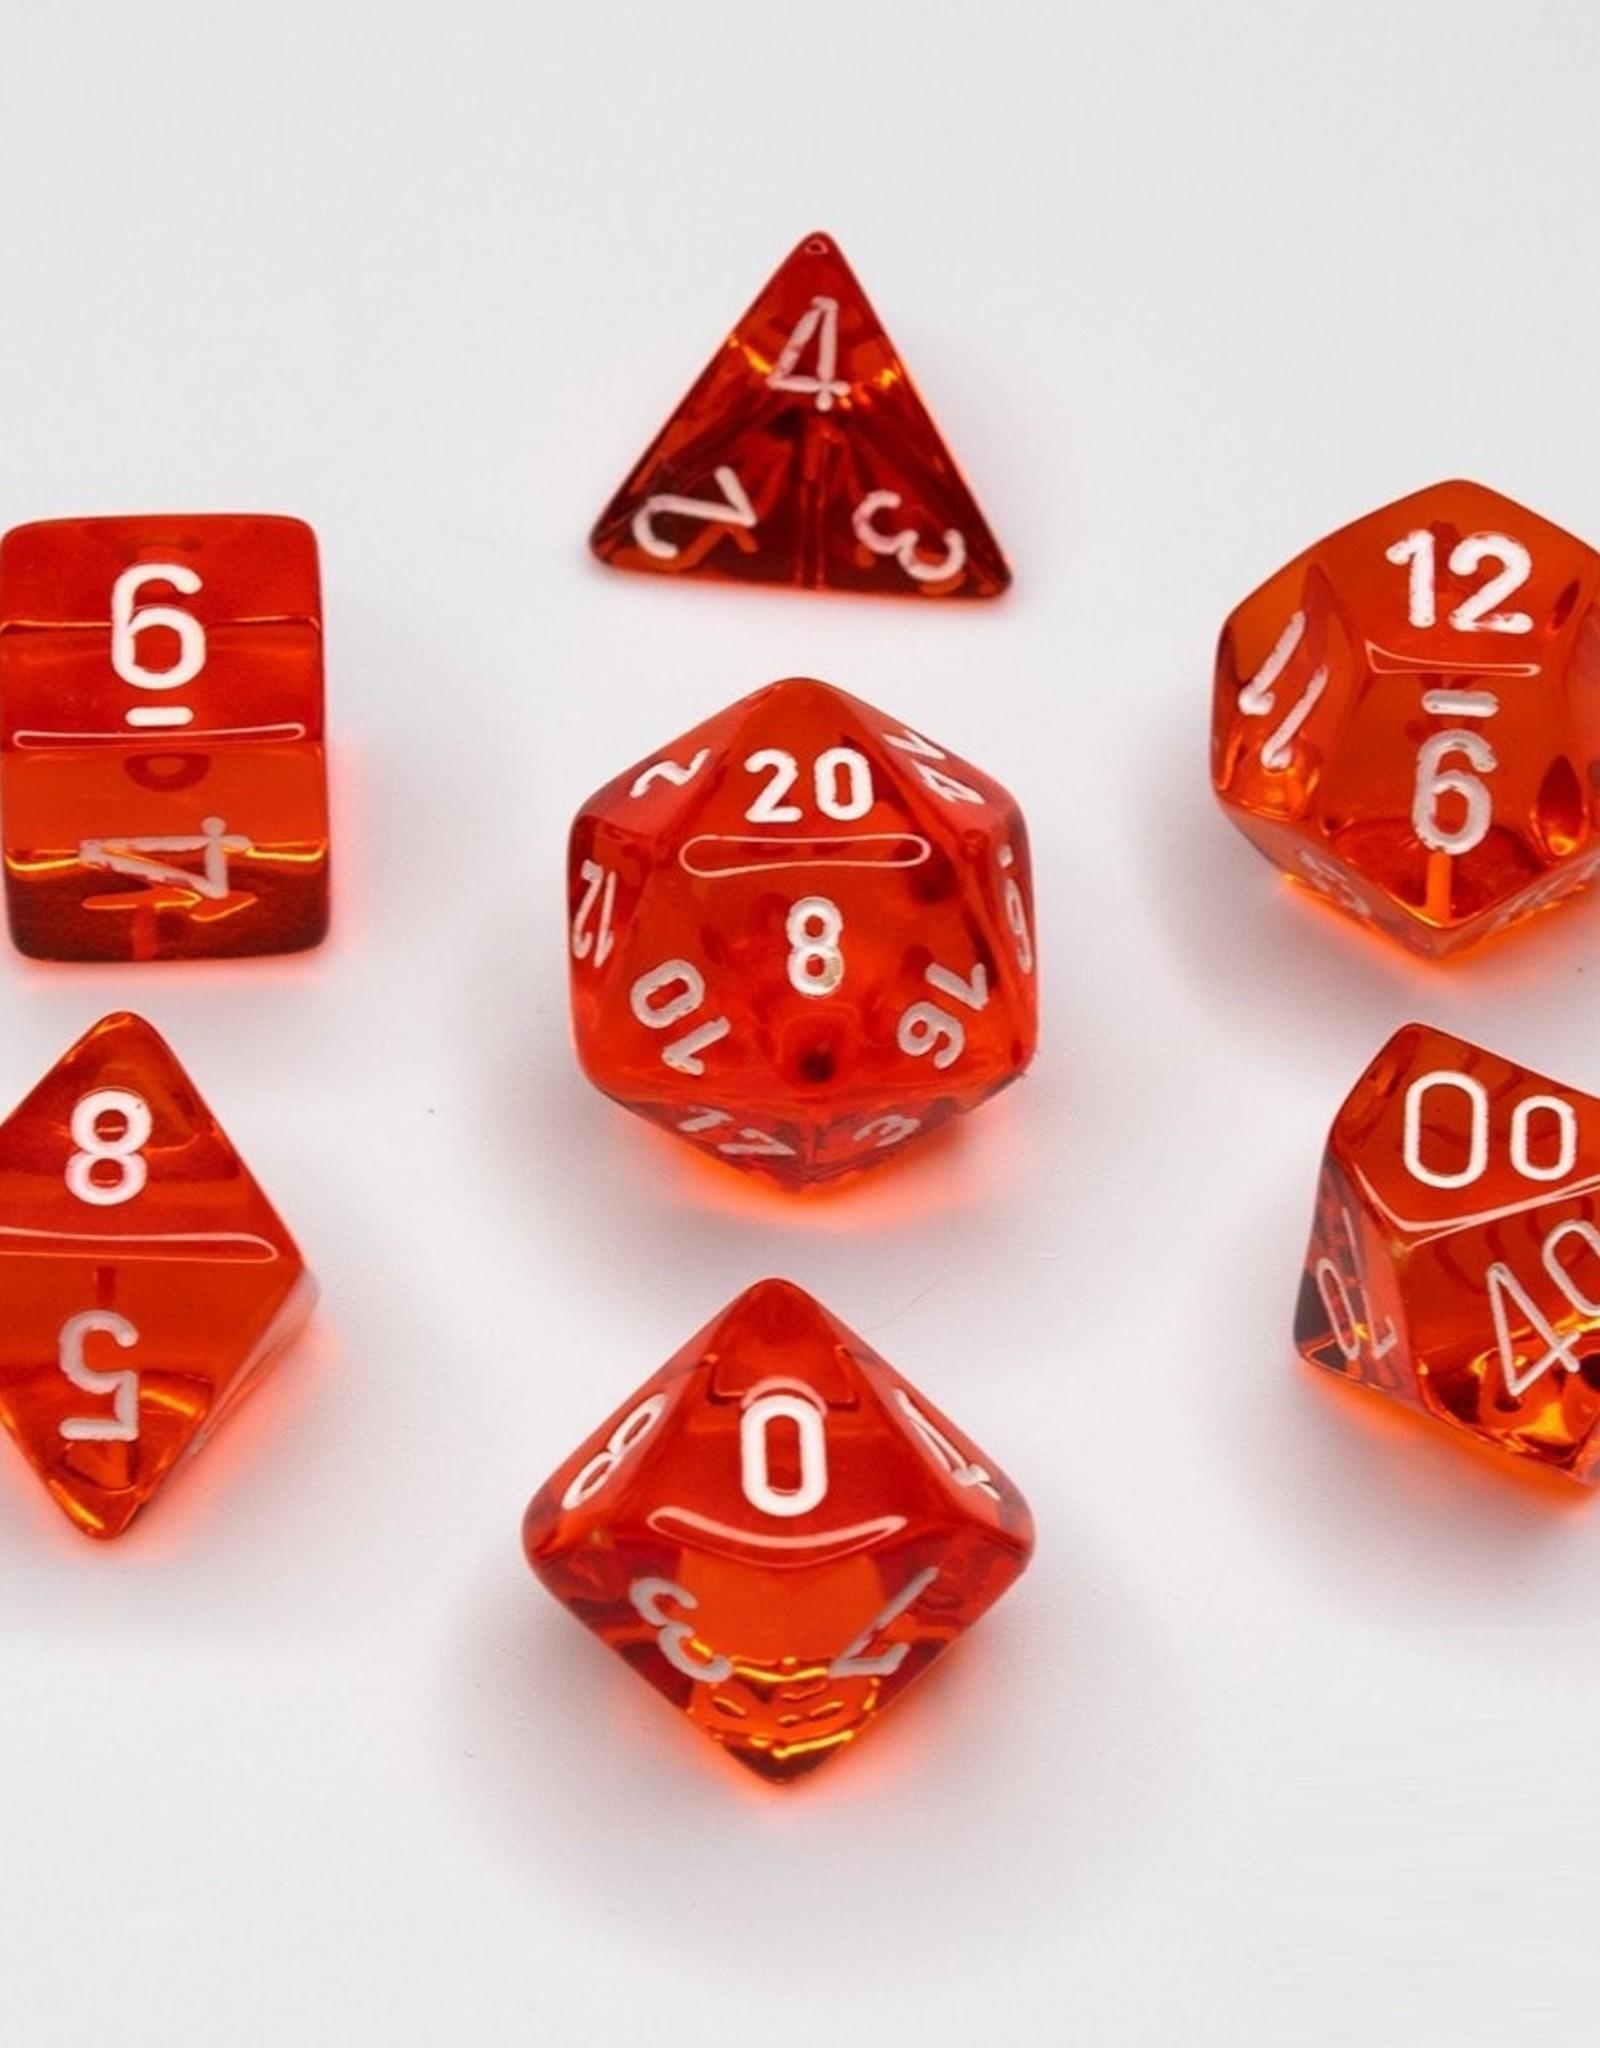 Chessex Chessex 7-Die set Translucent - Orange/White